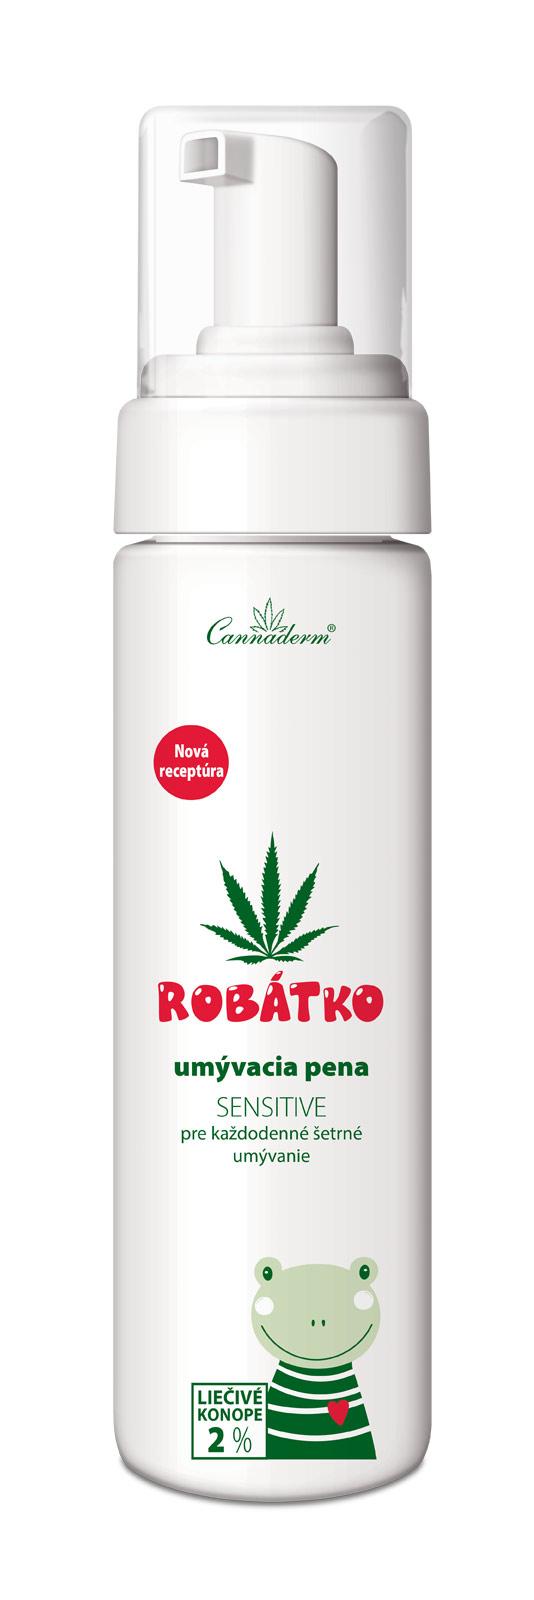 Cannaderm Robátko – umývacia pena Sensitive 200 ml